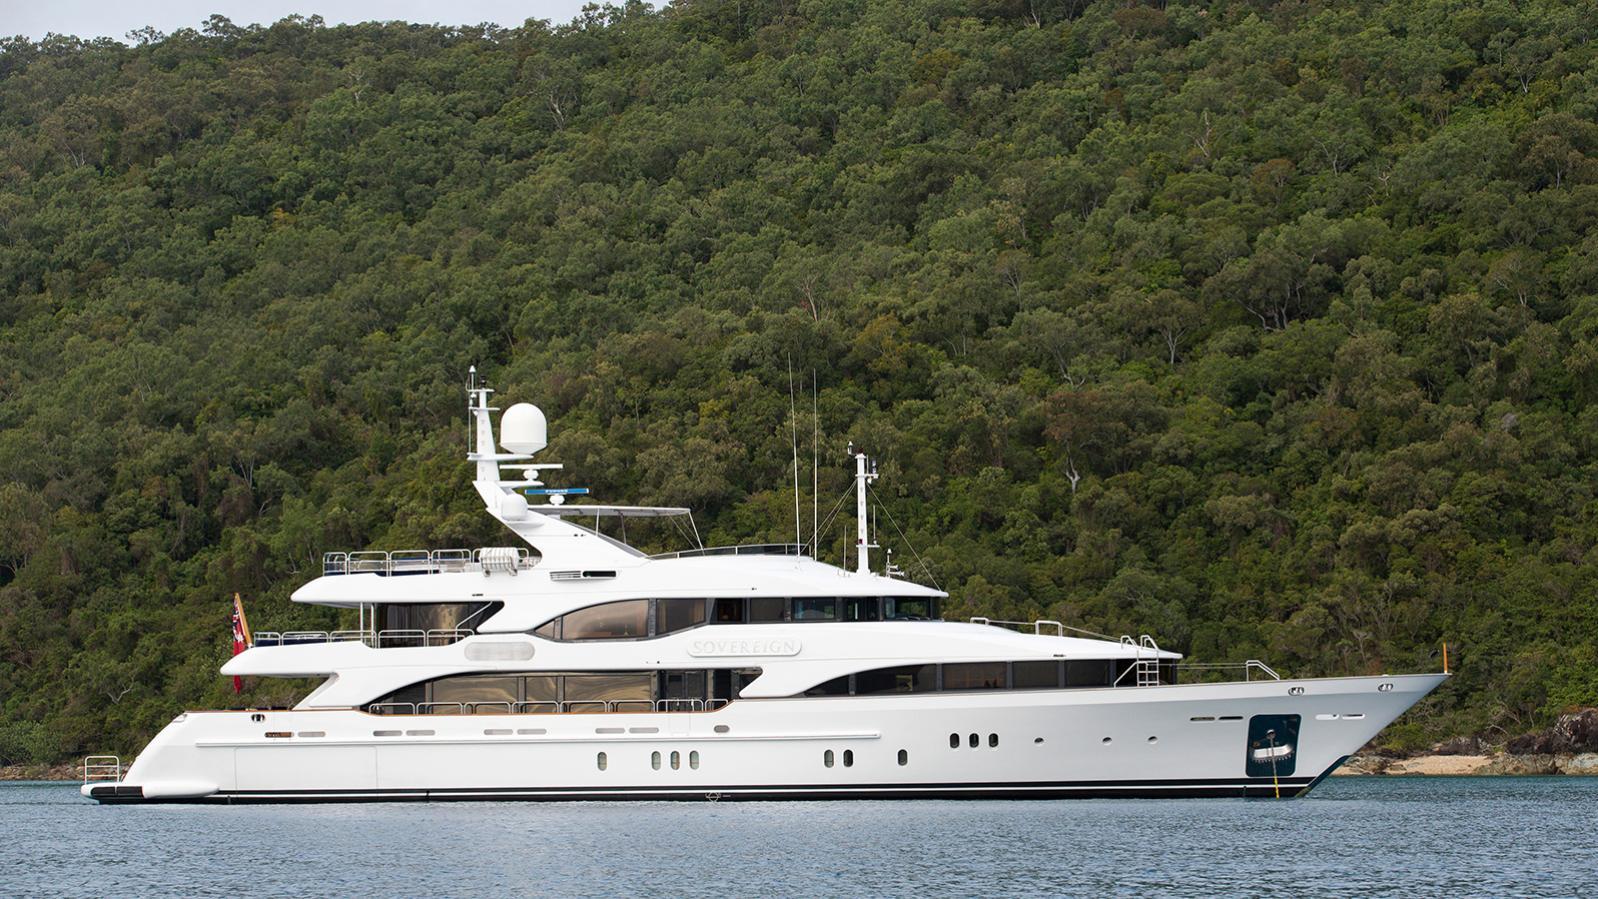 sovereign-motor-yacht-benetti-2002-44m-profile